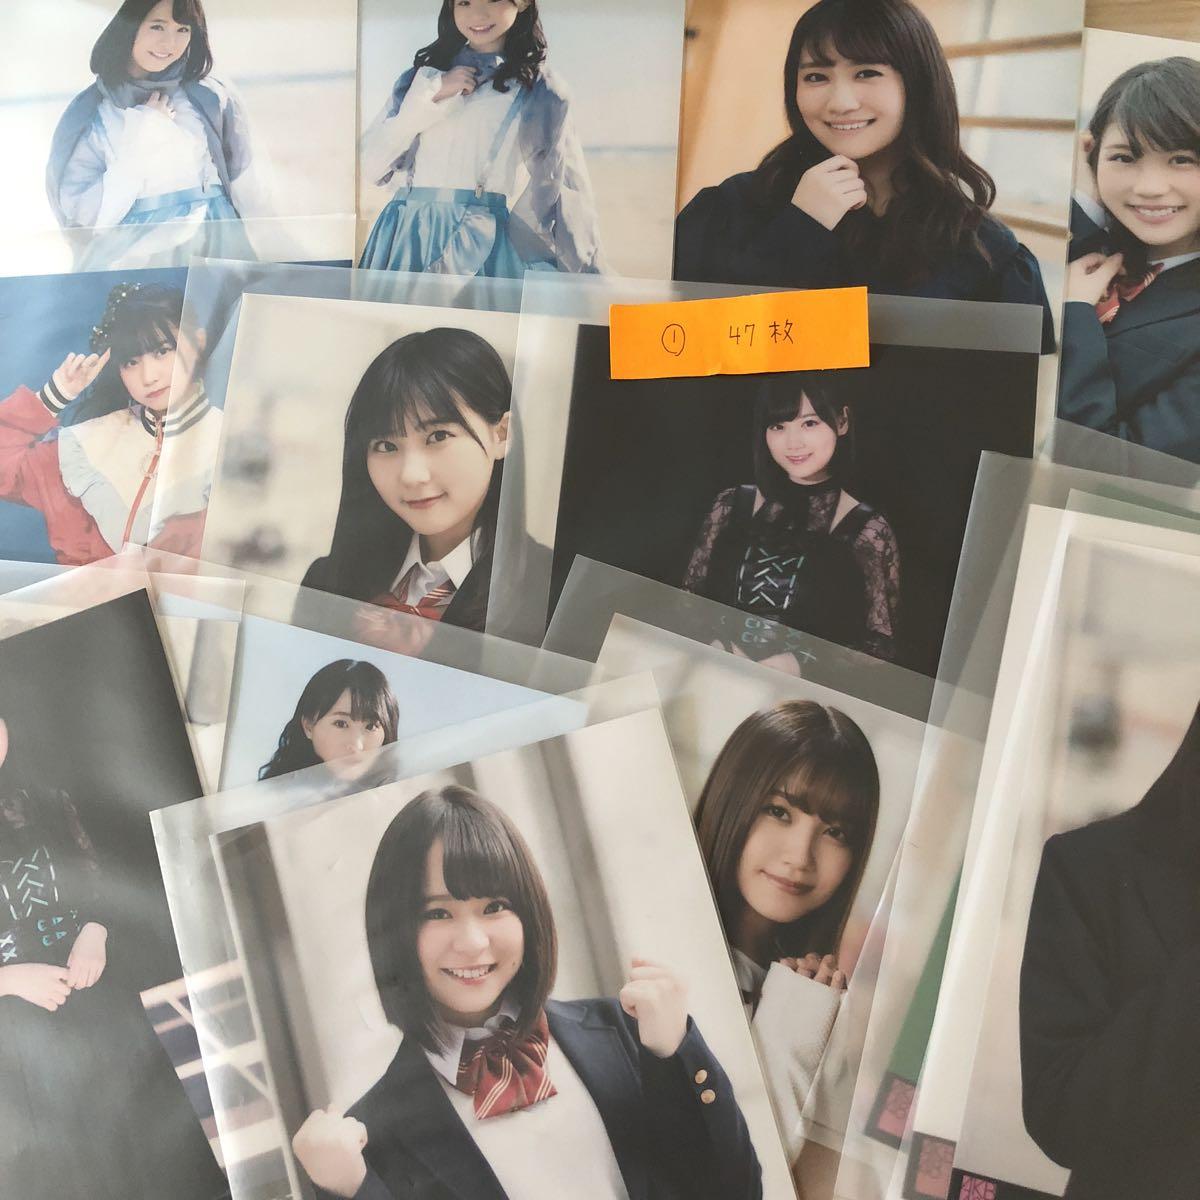 【1円スタート】AKB48 ジャーバージャ 劇場盤 生写真 まとめ 47枚 ①